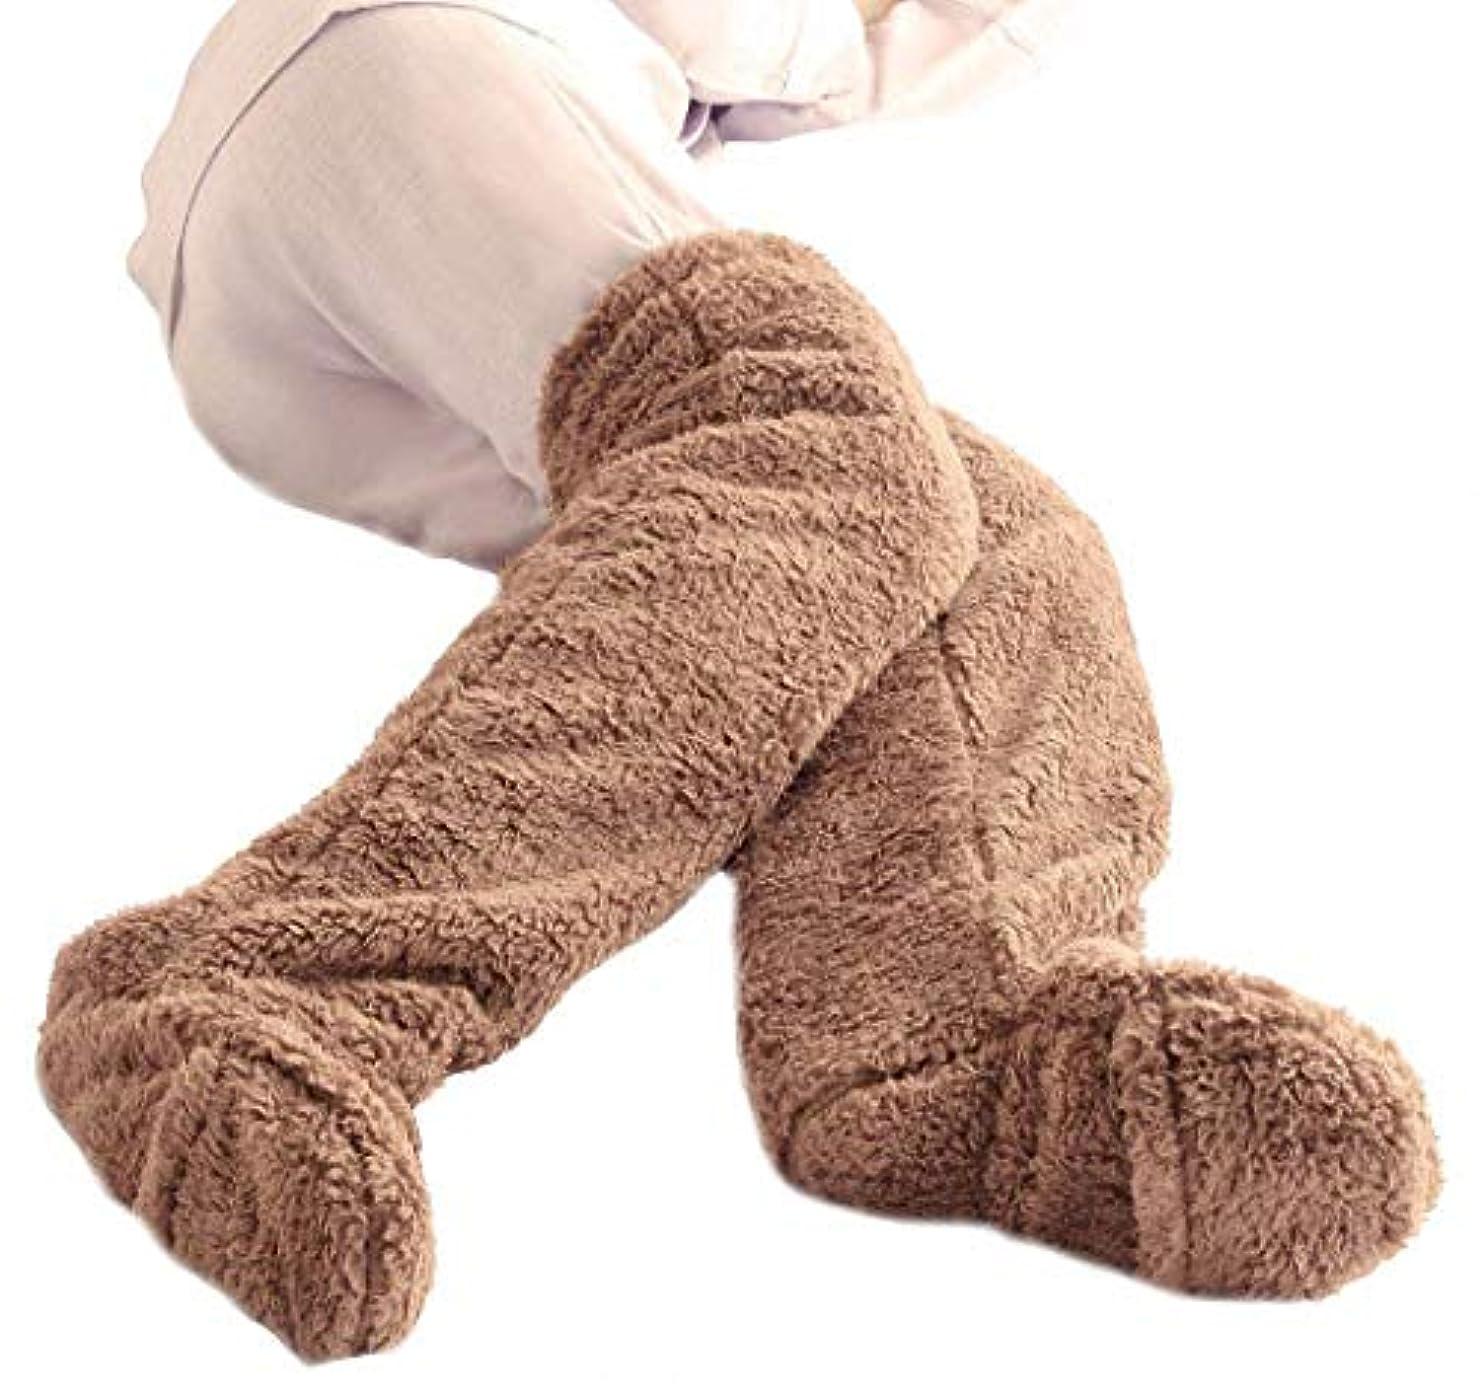 朝ごはん置き場さらにフリース生地 室内履き 足が出せるロングカバー 軽量ヒートソックス 歩ける ロングカバー 極暖 ルームソックスルームシューズ